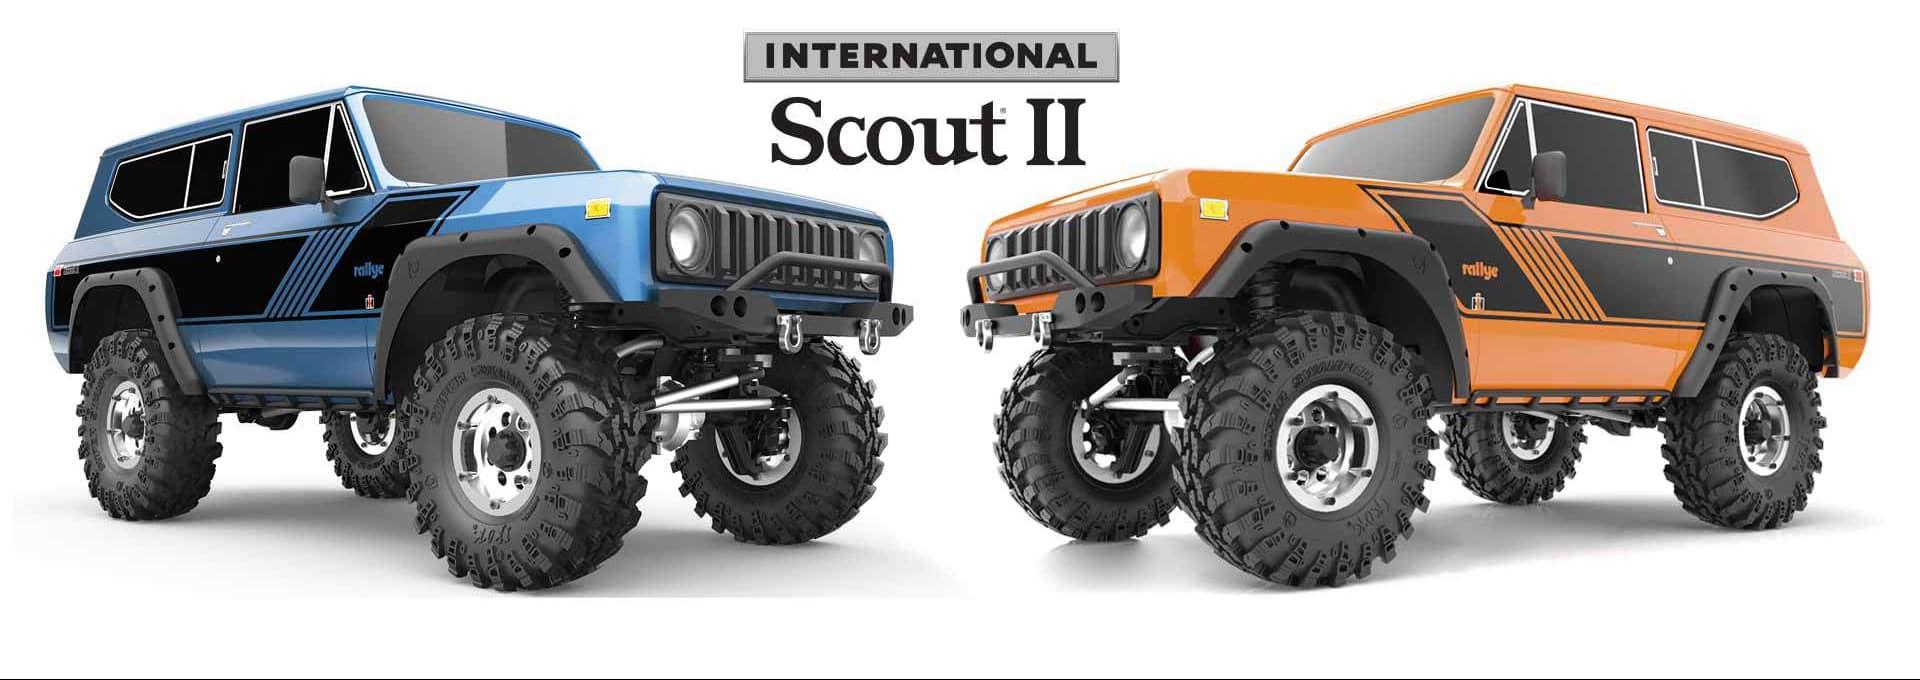 Redcat Racing GEN8 International Scout II - Hero